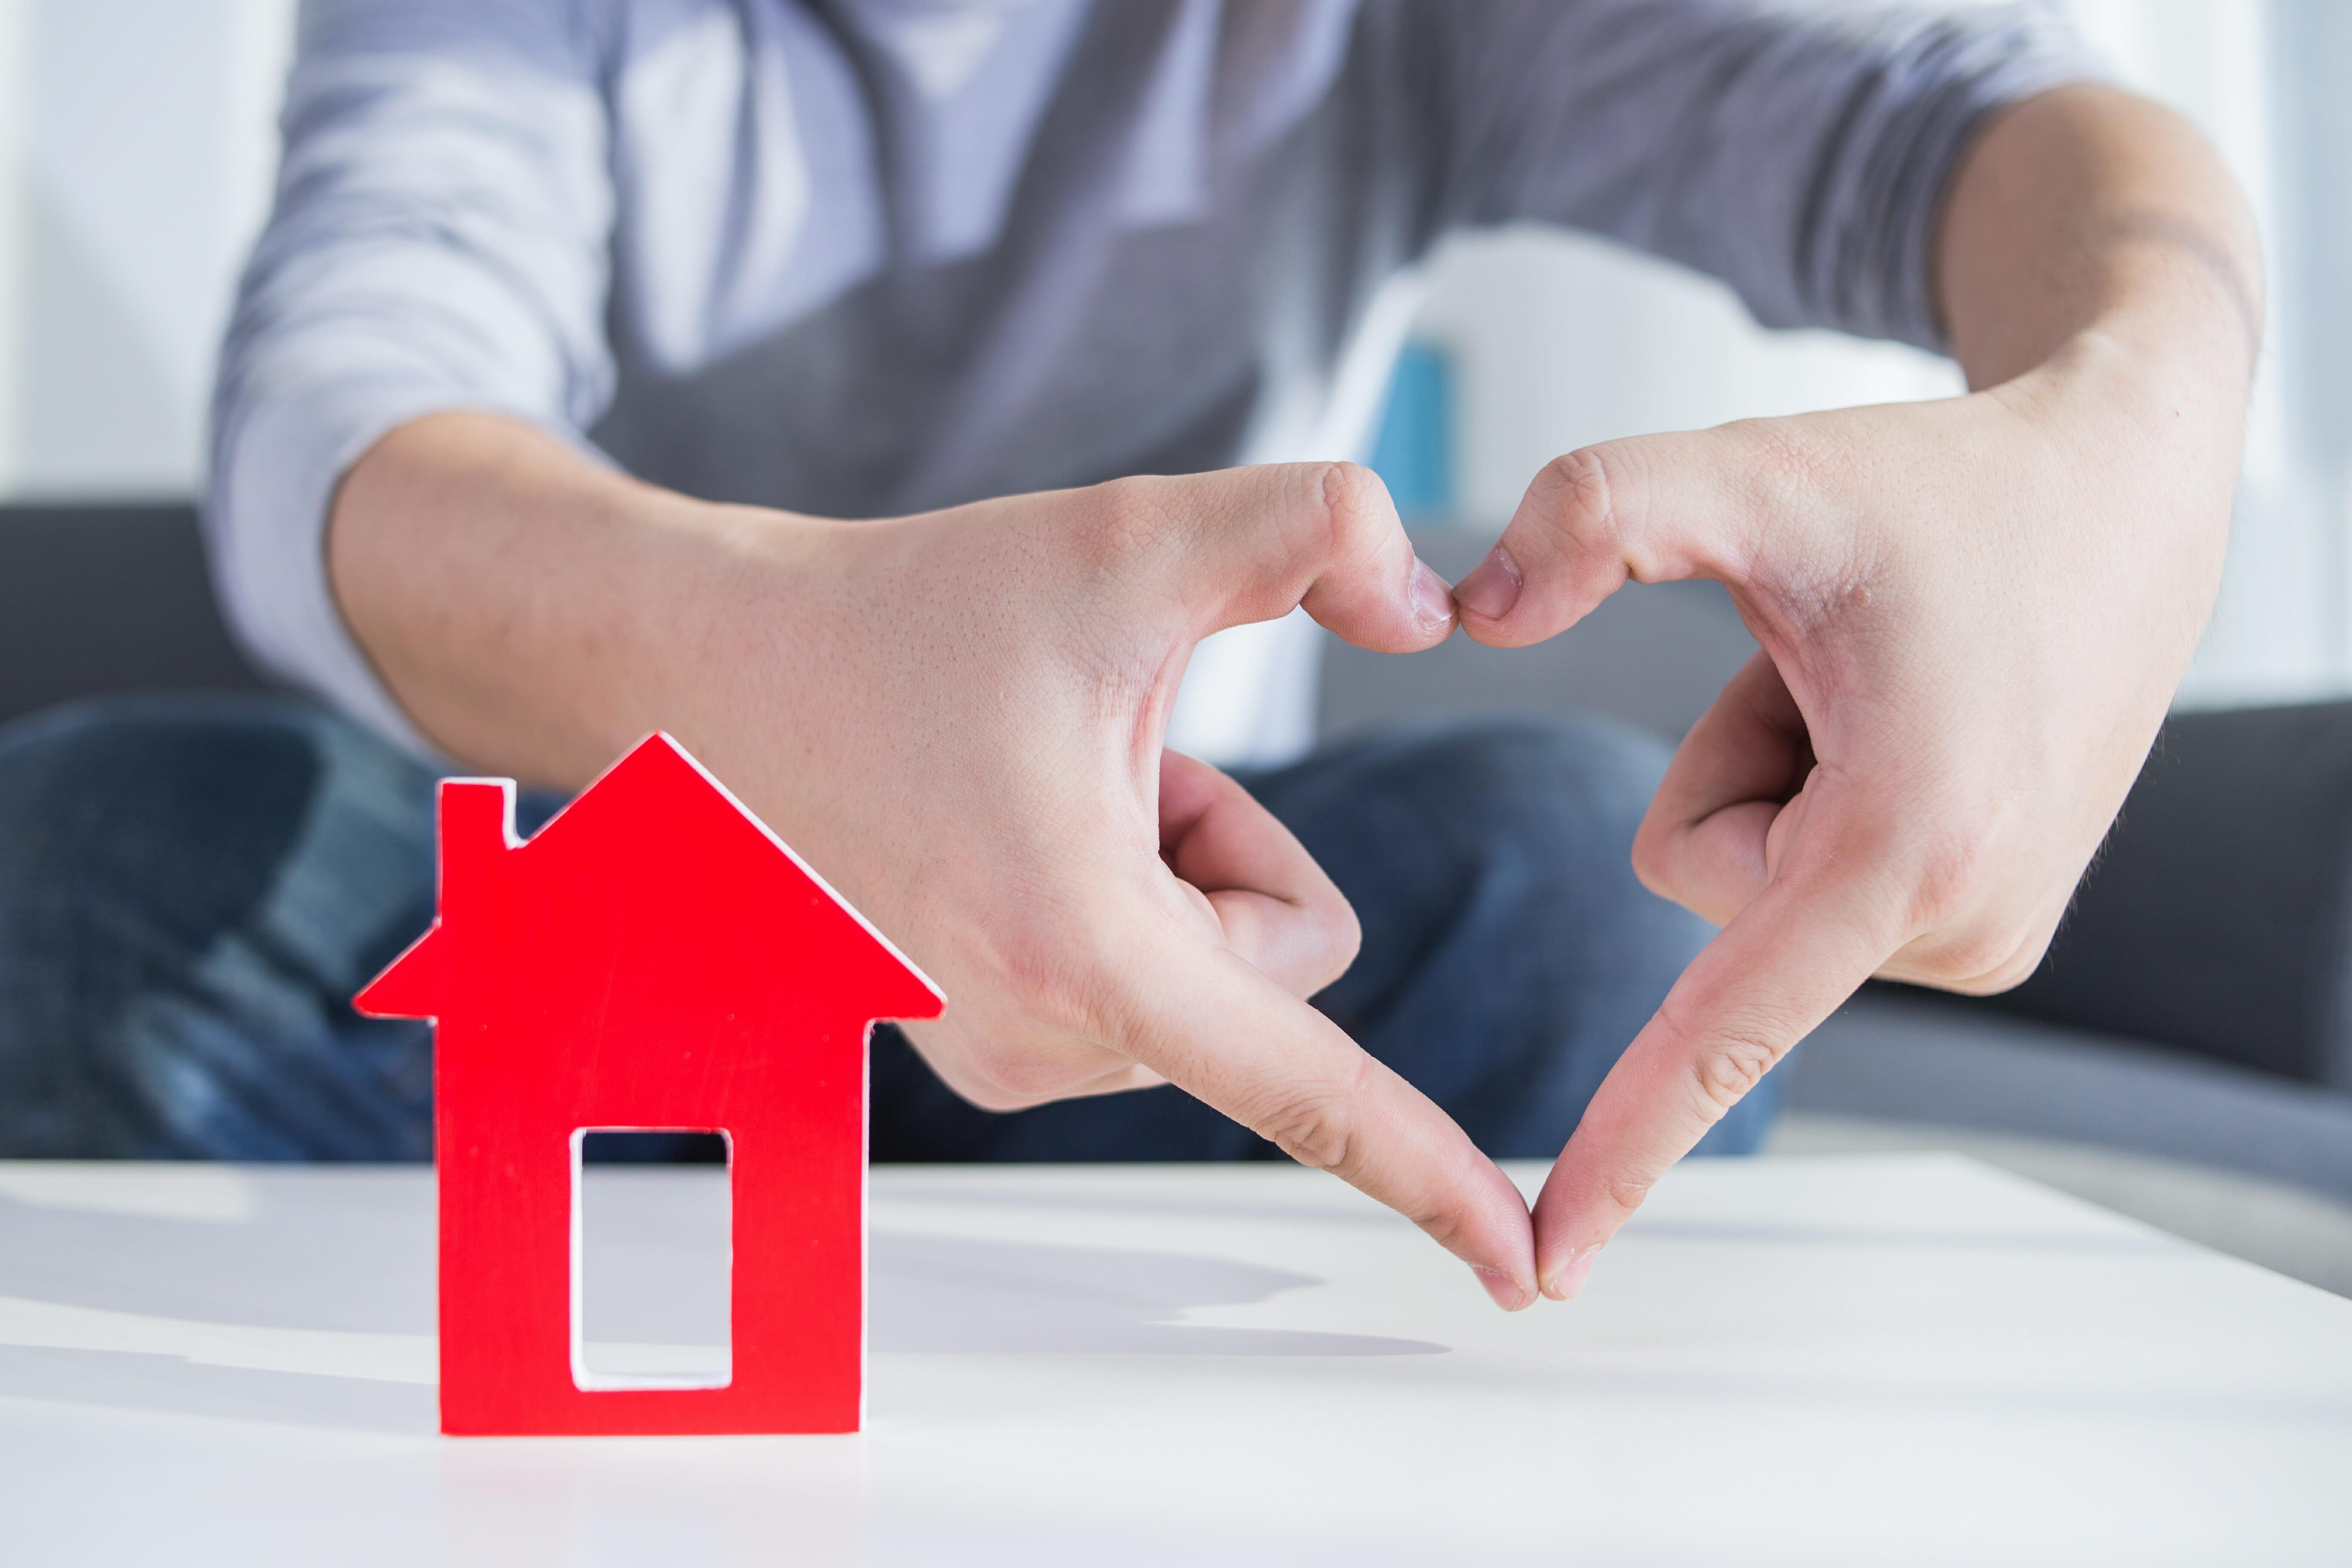 Goedkope hypotheek maak nu gebruik van de laagste for Hoogte hypotheek